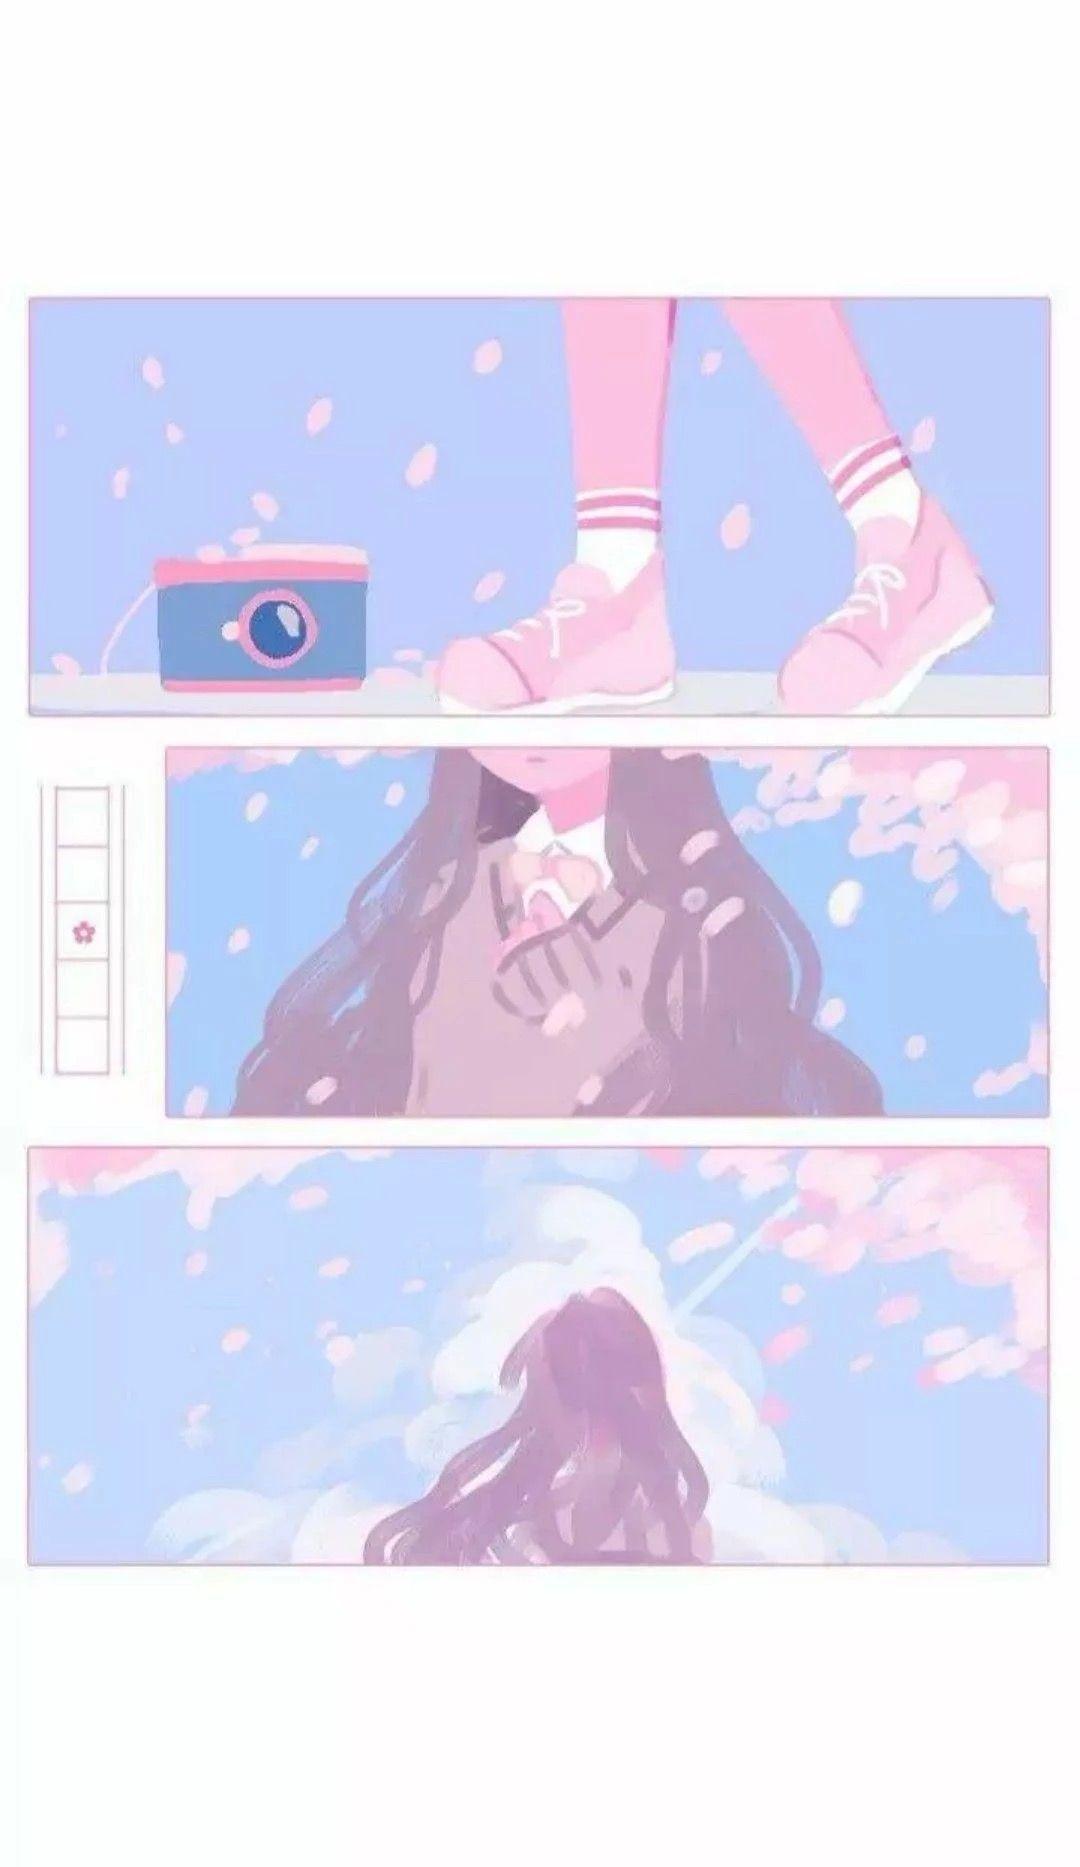 1080x1867 Hình nền thẩm mỹ Anime màu hồng và xanh lam 1080x1867